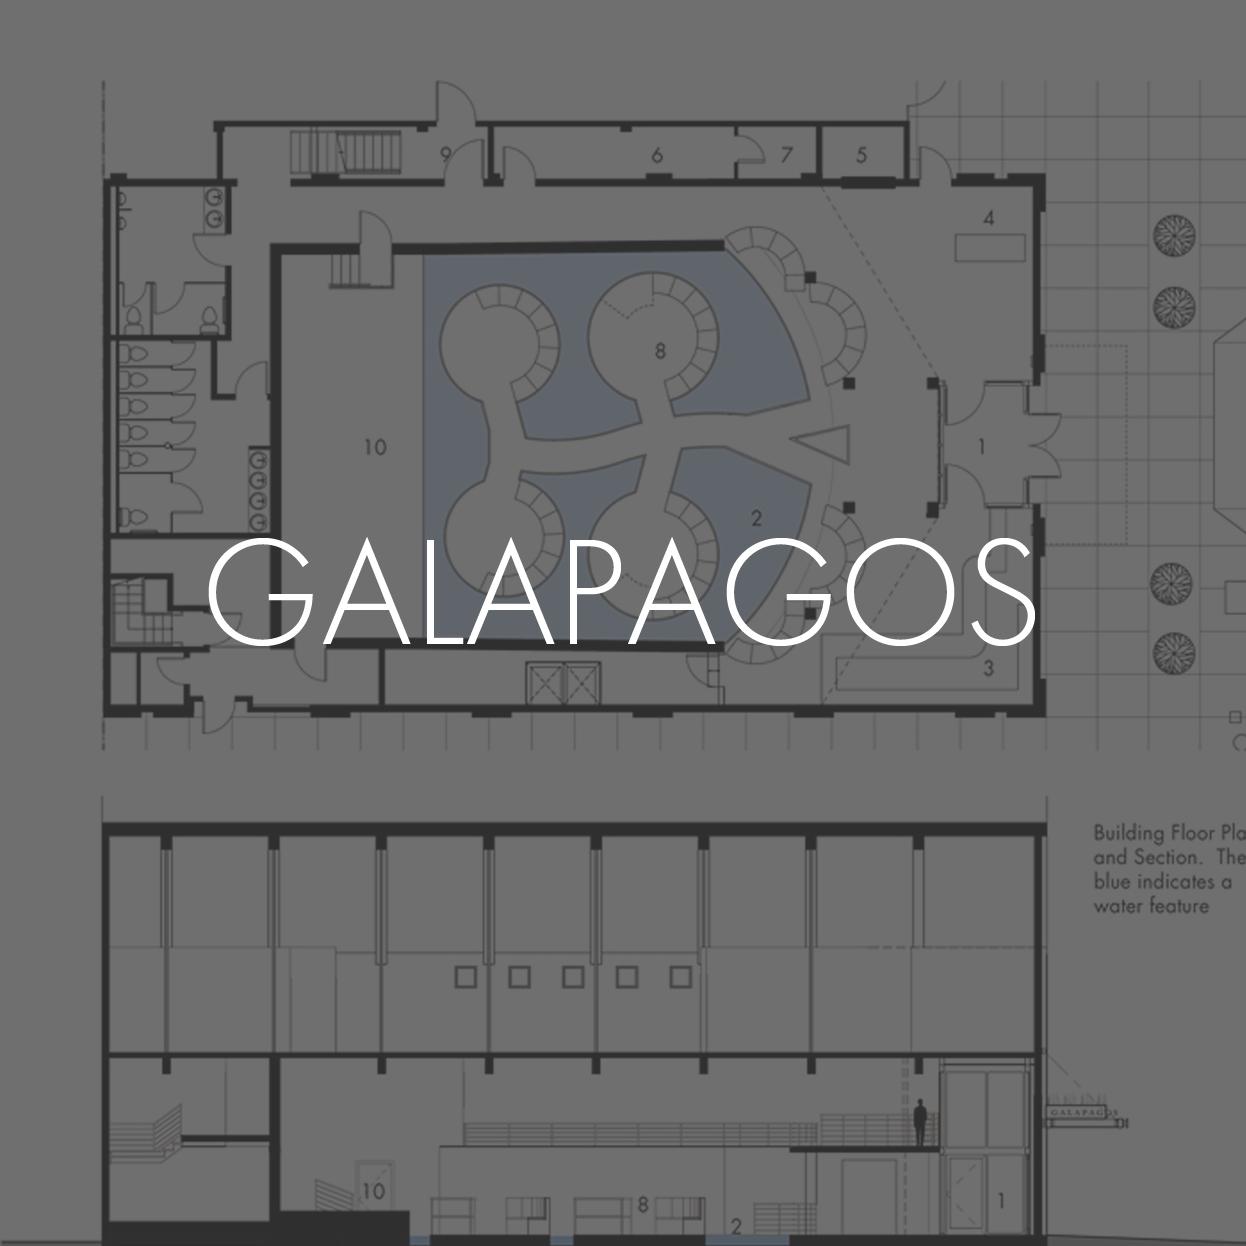 02_THUMBNAIL galapagos.jpg